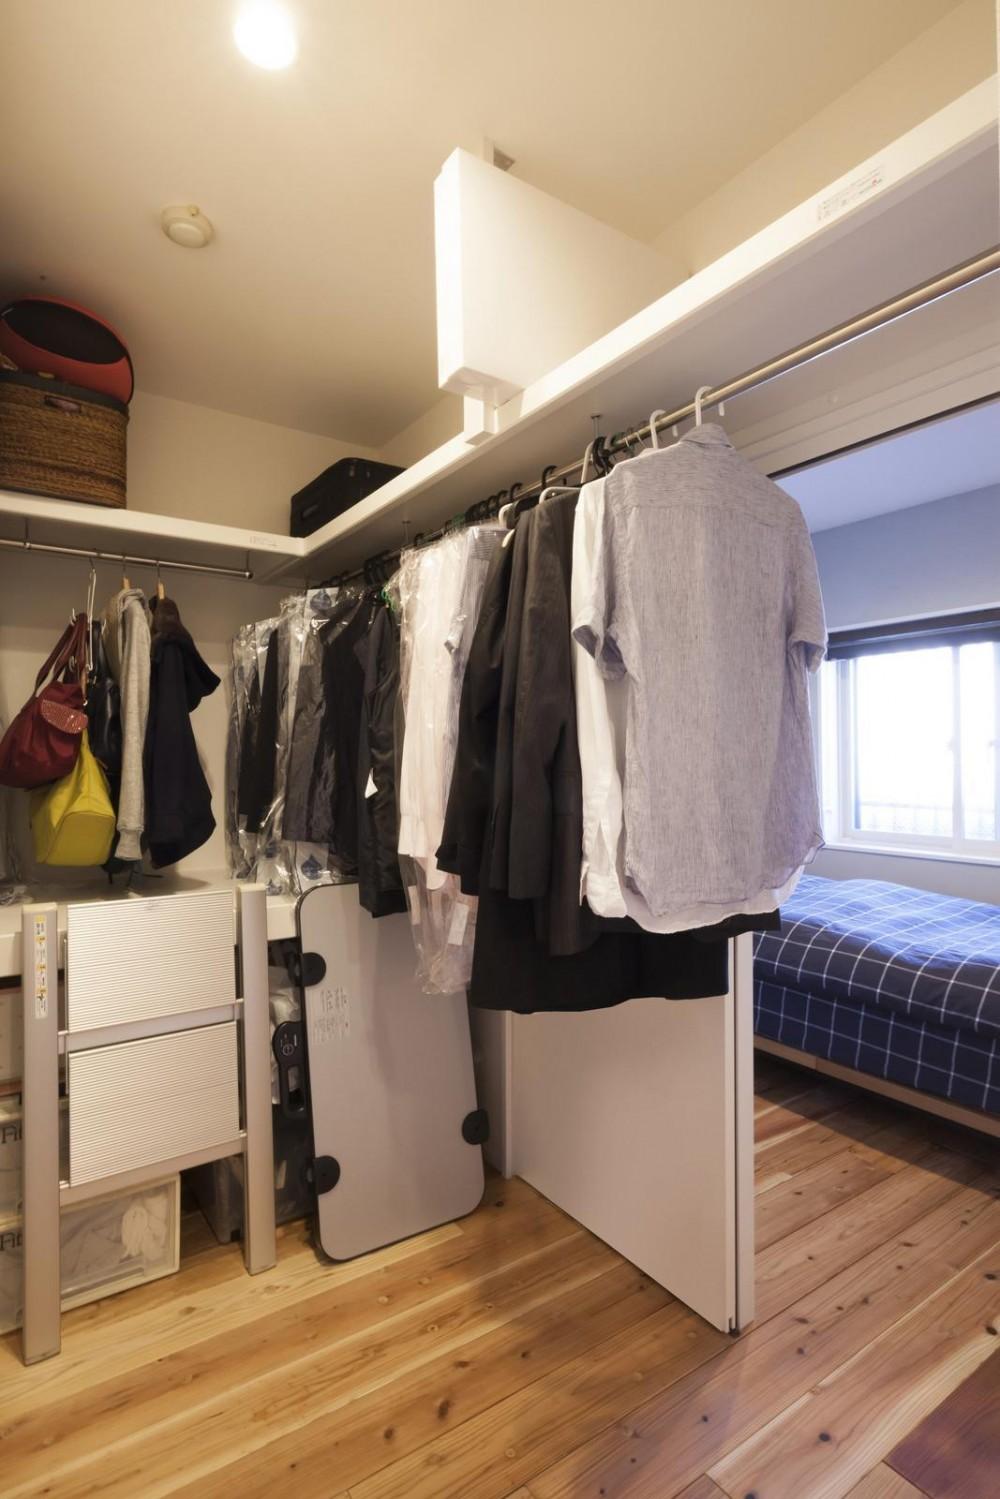 暮らしの楽しみ方を知るご夫婦の理想的なこだわり住まい (寝室とウォークスルークローゼット)